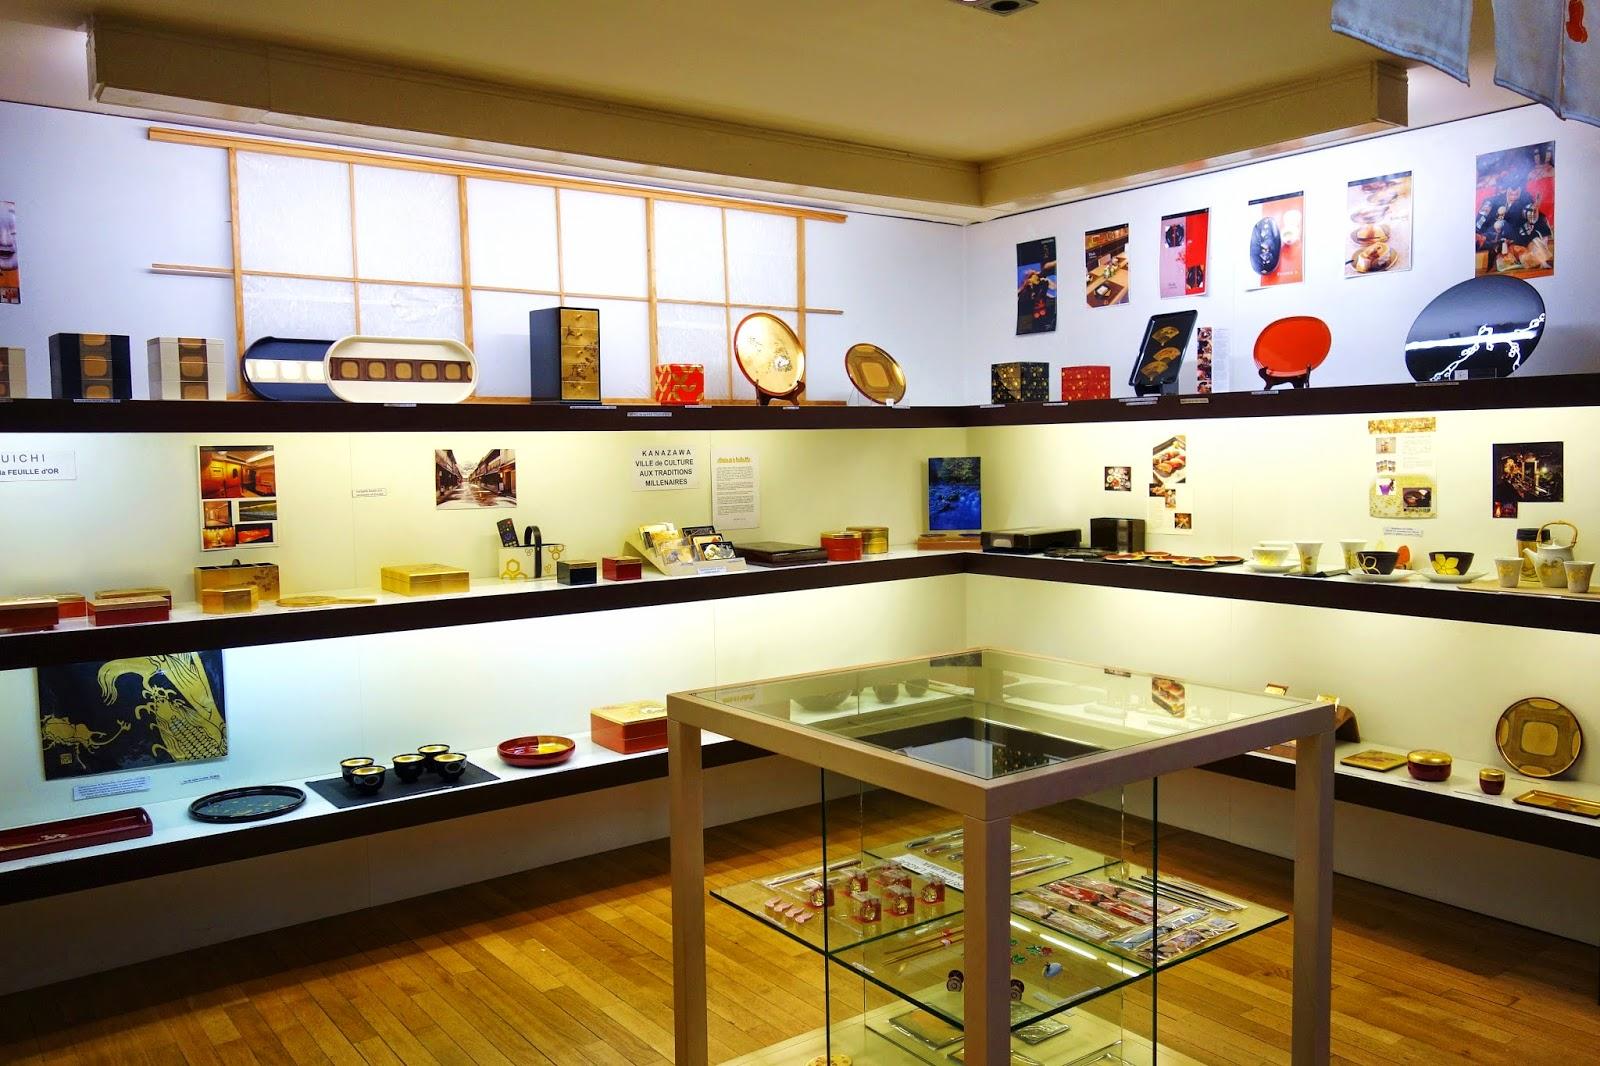 mes adresses : cool japan, boutique d'artisanat japonais - 45 rue